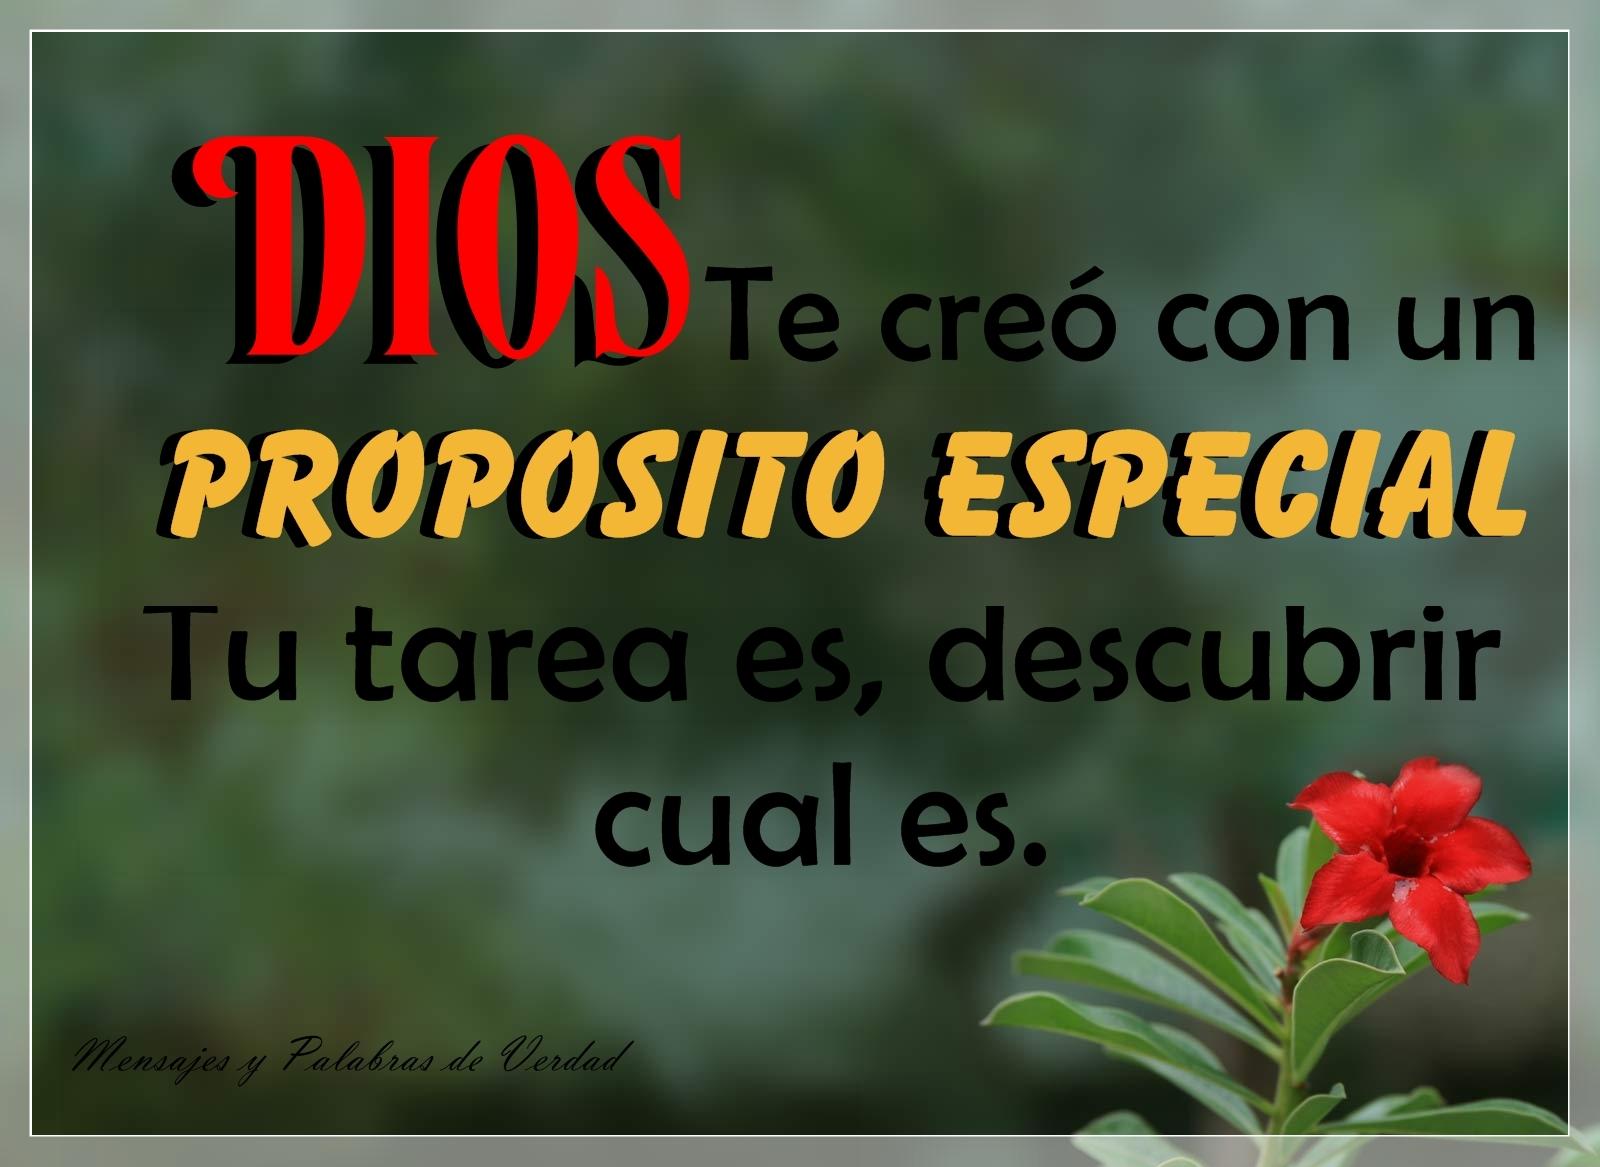 Mensajes Y Palabras De Verdad Tarjetas Con Mensaje De Dios